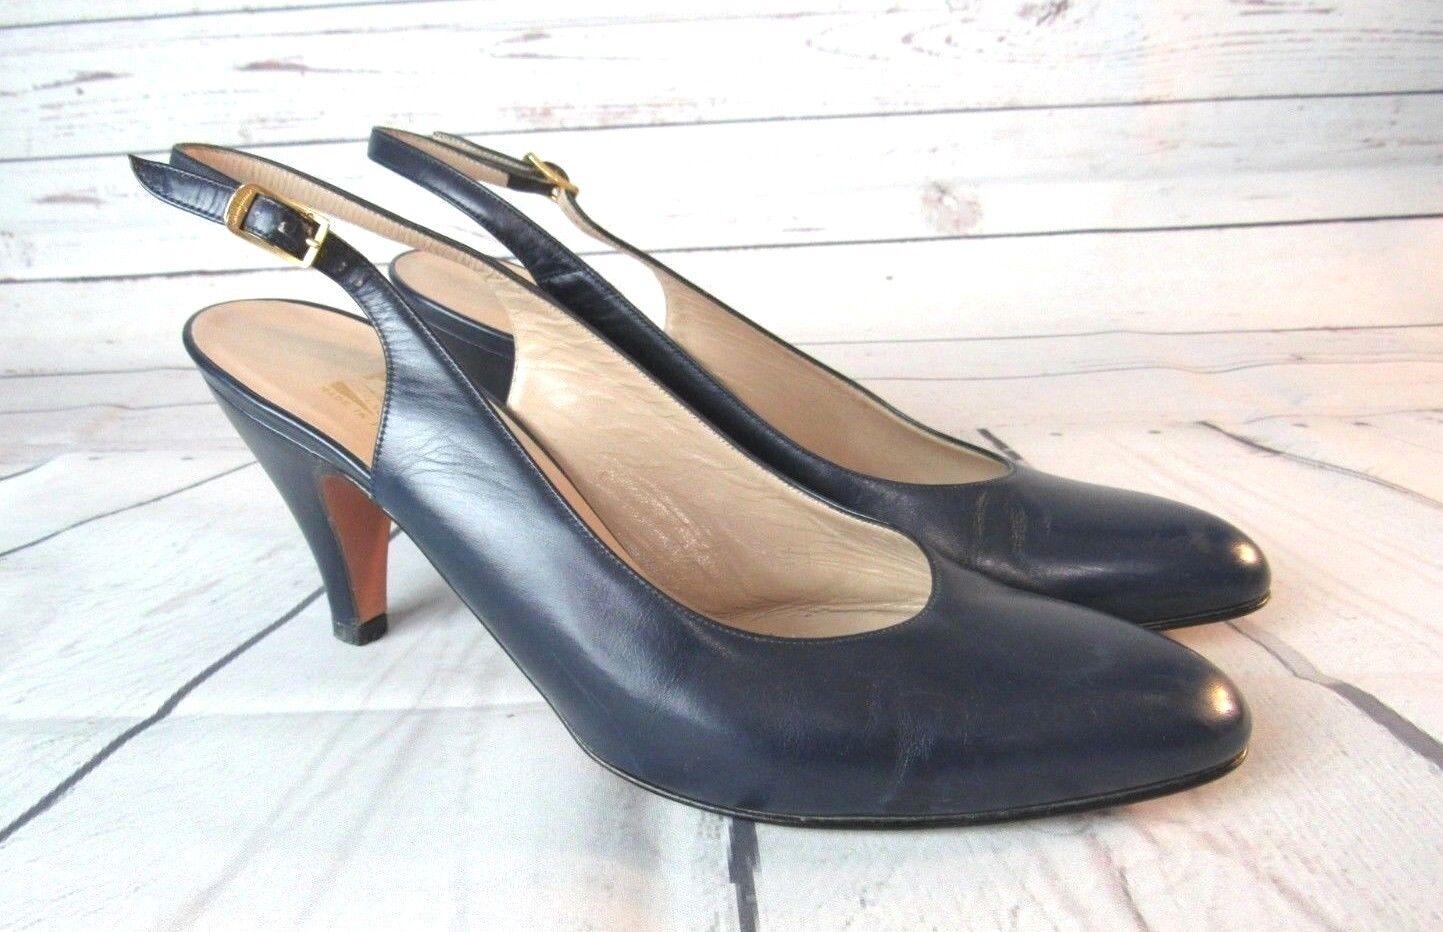 Salvatore Ferragamo Honda Nuevo Azul Marino para Mujeres Bombas Bombas Bombas Tacones Zapatos Talla 8 AA  el precio más bajo